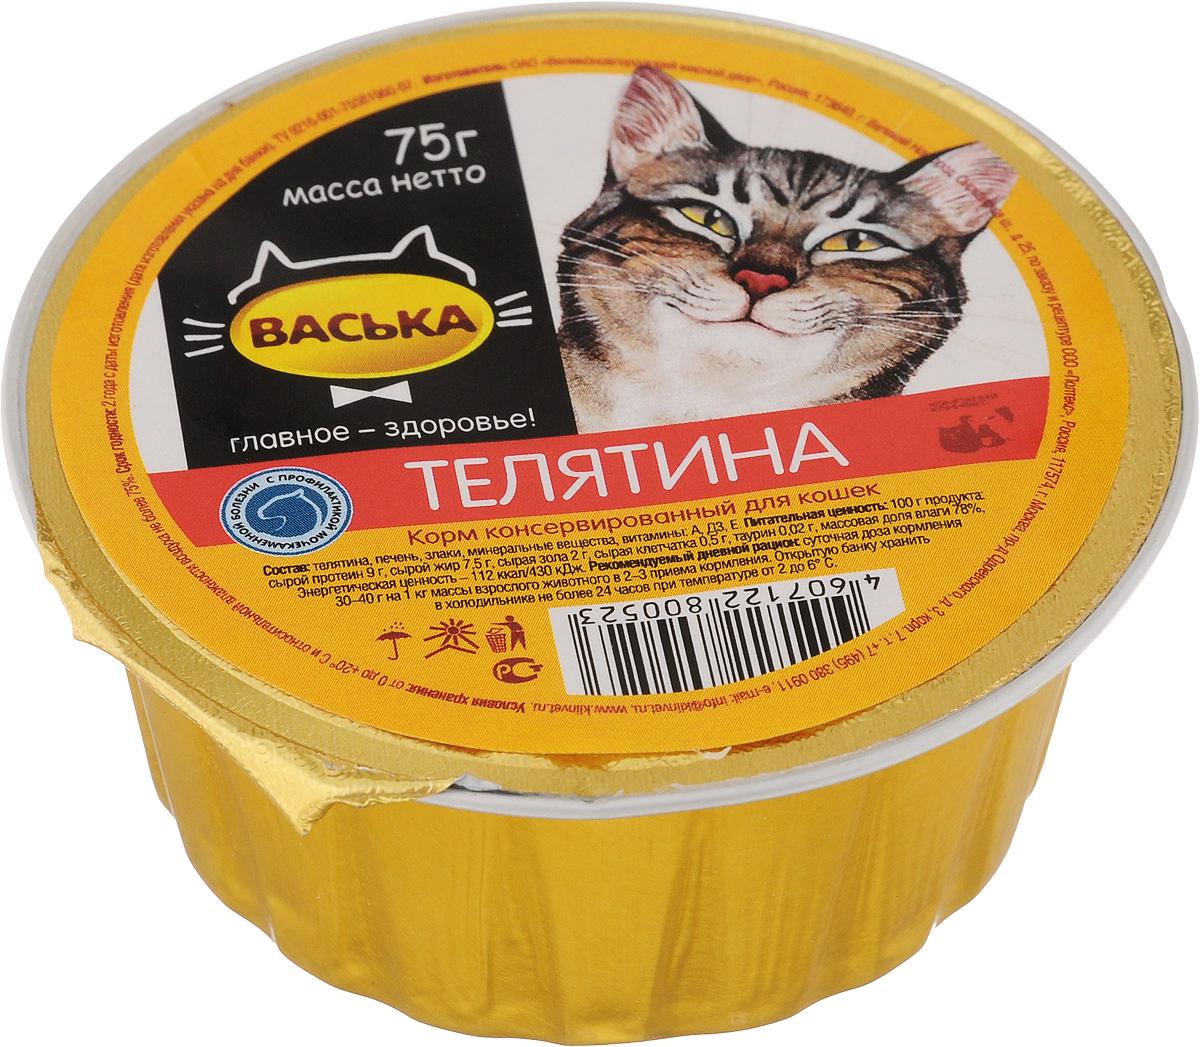 Консервы для кошек Васька, для профилактики мочекаменных болезней, телятина, 75 г0523Консервированный корм Васька - это сбалансированное и полнорационное питание, которое обеспечит вашего питомца необходимыми белками, жирами, витаминами и микроэлементами. Нежный паштет порадует кошек любых возрастов и вкусовых предпочтений. Высокий процент содержания влаги в продукте является отличной профилактикой возникновения мочекаменной болезни. Нежное мясо молодого теленка отличается пониженной жирностью, а входящие в состав витамины, незаменимые аминокислоты - таурин и микроэлементы позволят вашему питомцу быть здоровым и жизнерадостным. Корм абсолютно натуральный, не содержит ГМО, ароматизаторов и искусственных красителей. Удобная одноразовая упаковка сохраняет корм свежим и позволяет контролировать порцию потребления.Товар сертифицирован.